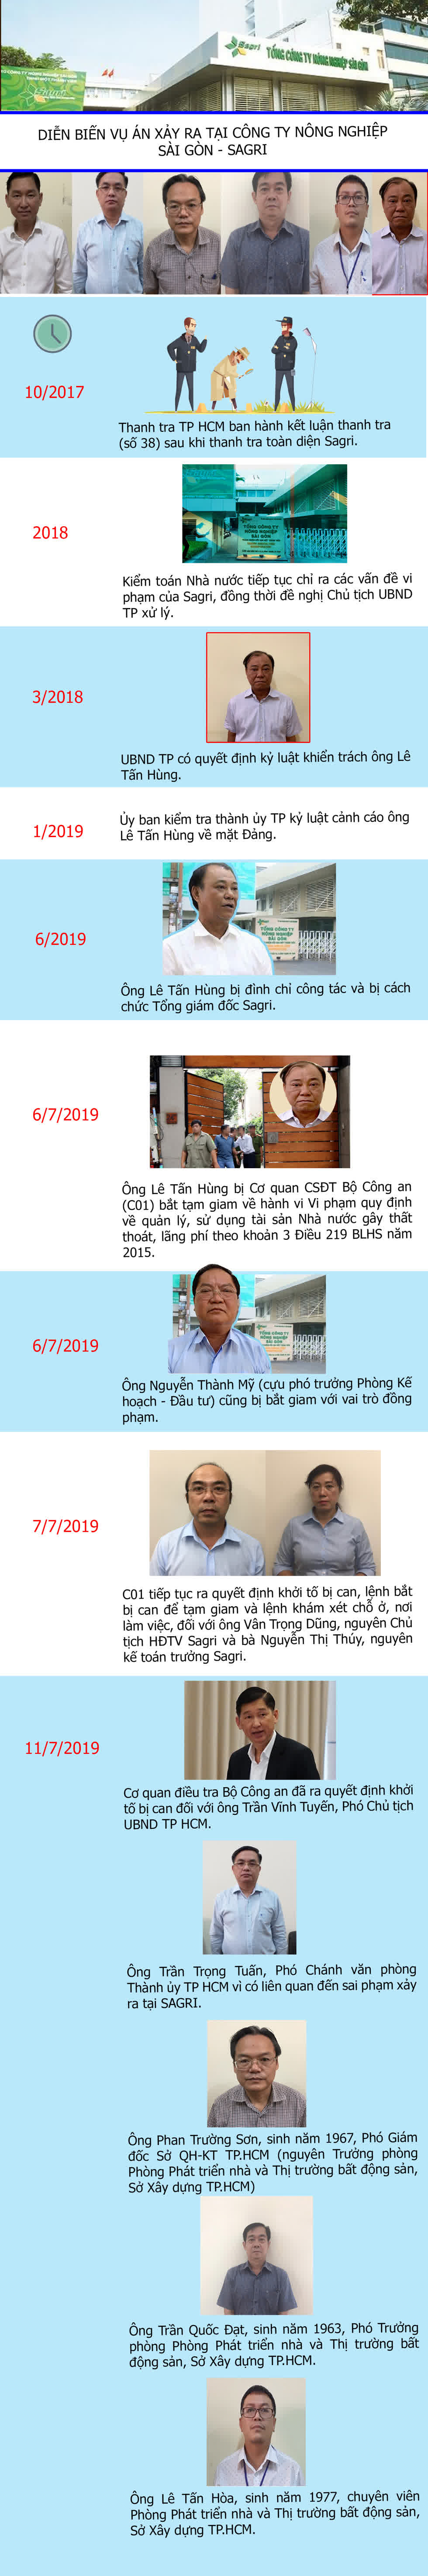 Diễn biến vụ án xảy ra tại Tổng công ty Nông nghiệp Sài Gòn